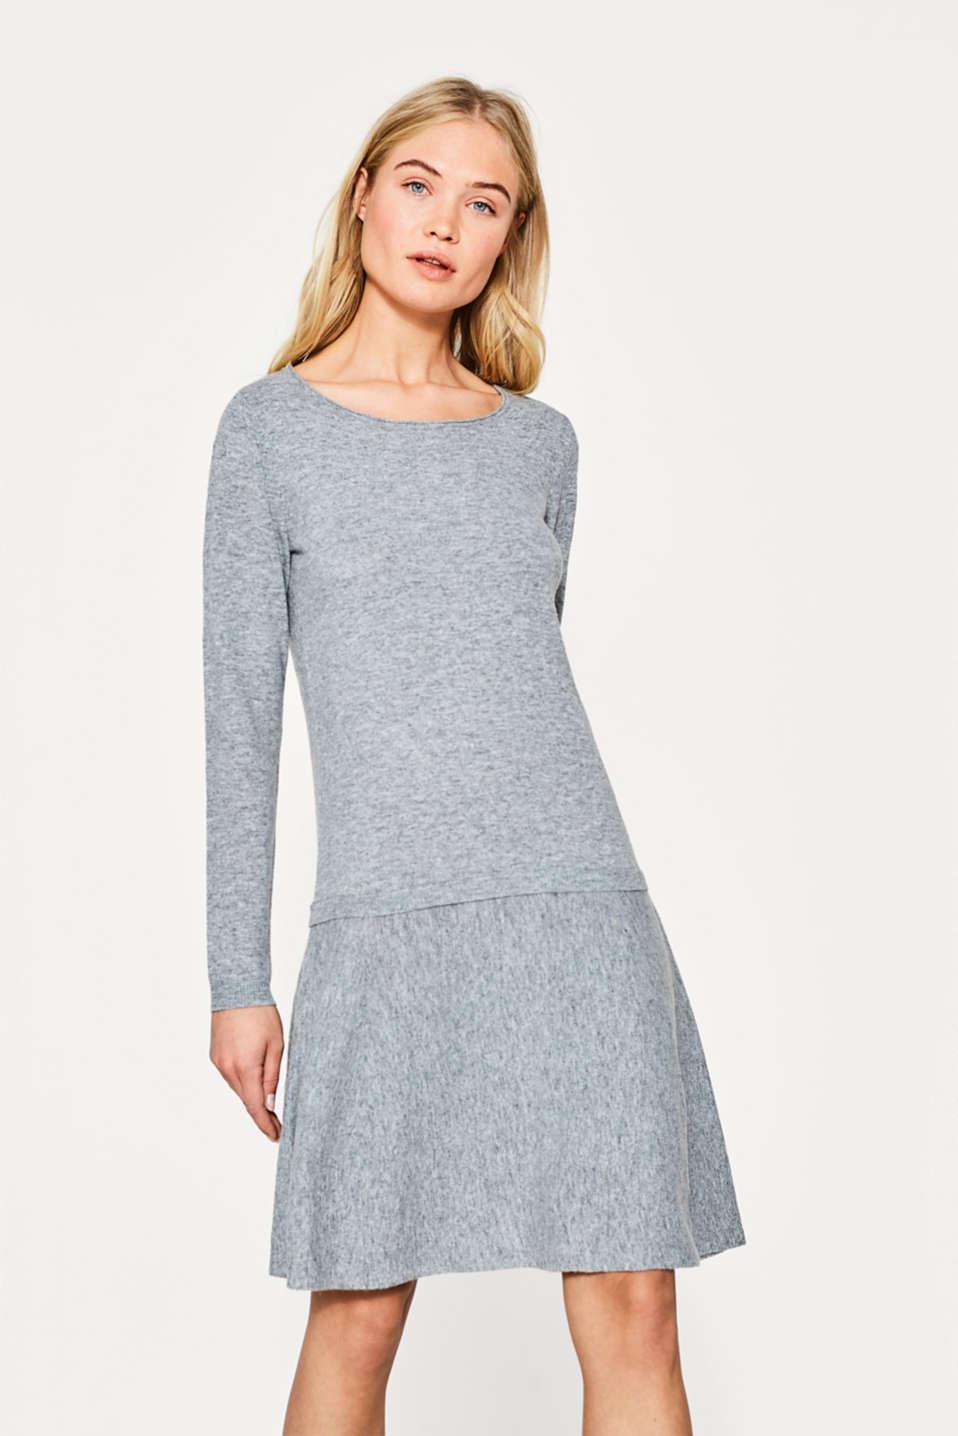 esprit knit wide skirt dress a percentage of wool at our online shop. Black Bedroom Furniture Sets. Home Design Ideas